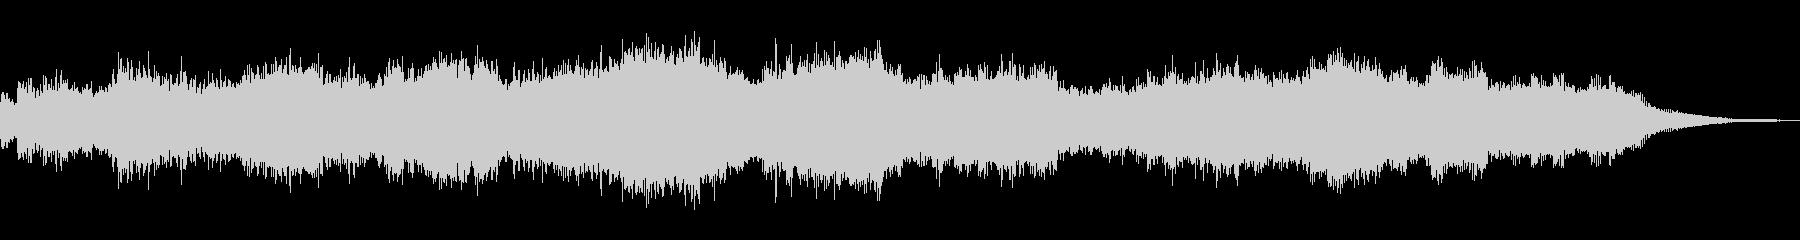 ウェーブテーブルシンセのパッド音の未再生の波形